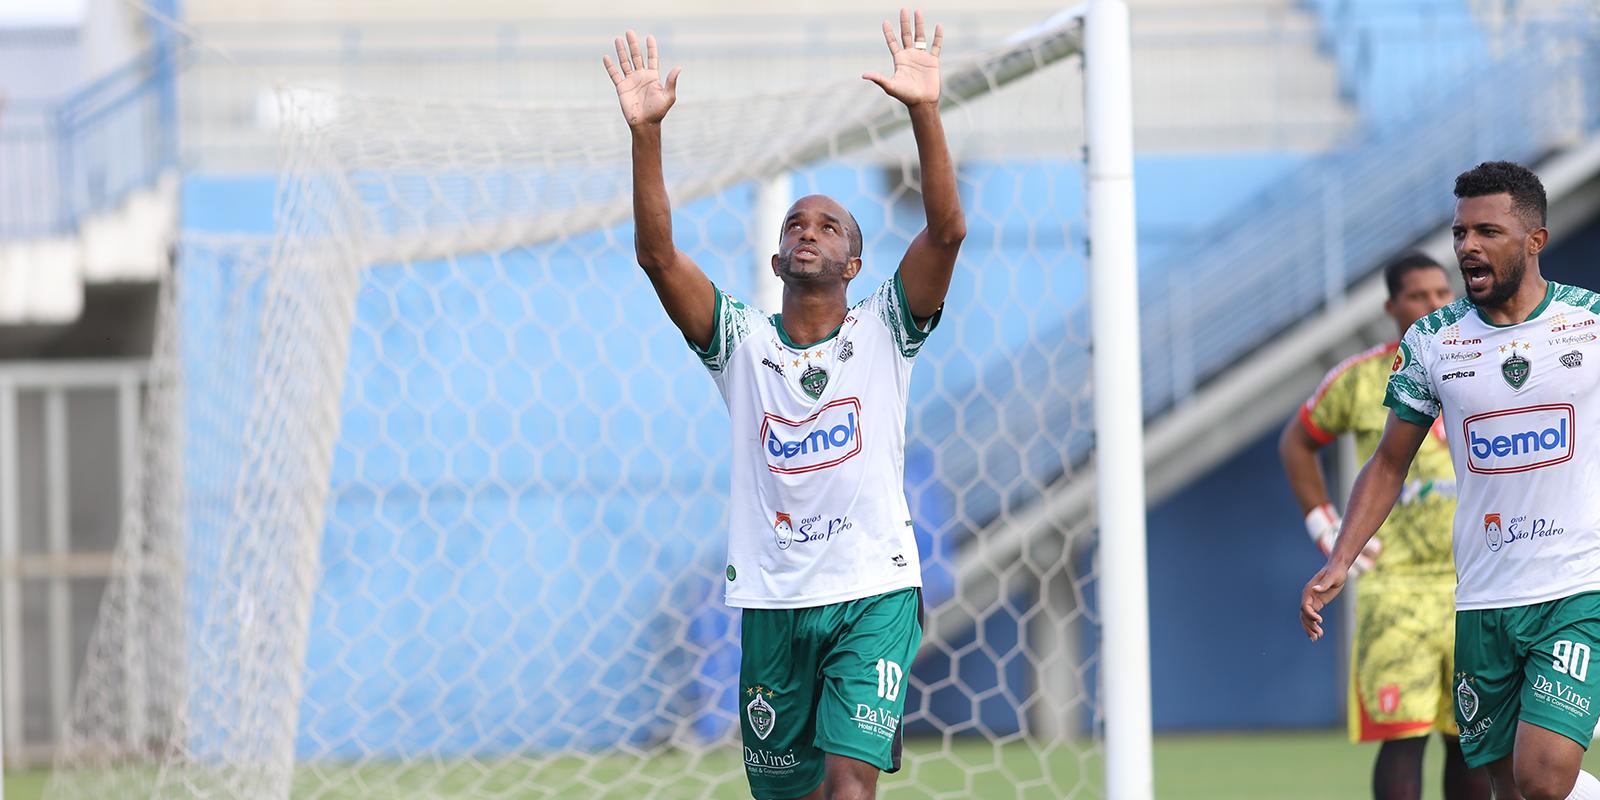 Com gol e assistência de Rossini, Manaus bate Princesa do Solimões